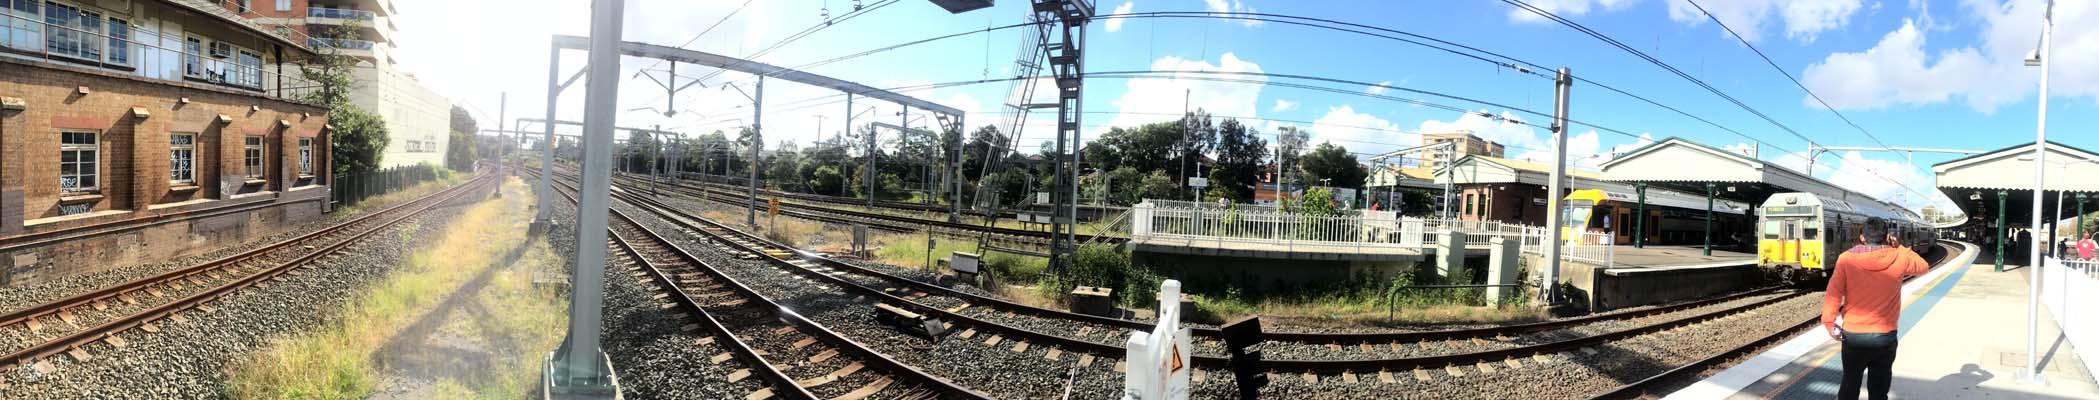 03 Sydney Railway Track Wide Shot Rail in Sydney Railways Train on Track